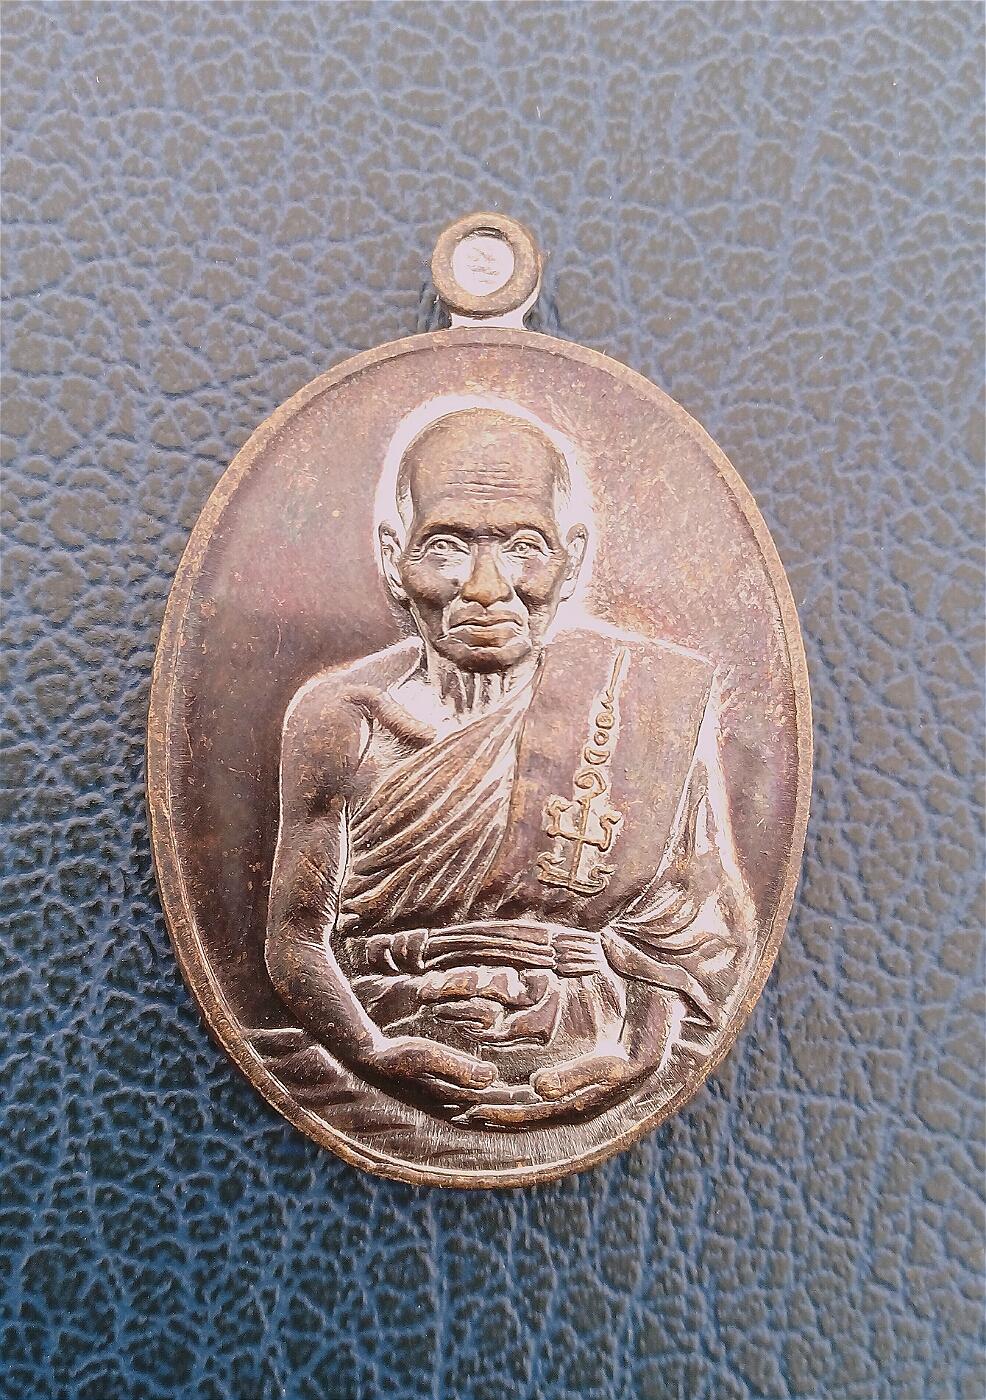 เหรียญ มหาปราบ ปี 2556 หลวงพ่อหวั่น วัดคลองคูณ จ.พิจิตร